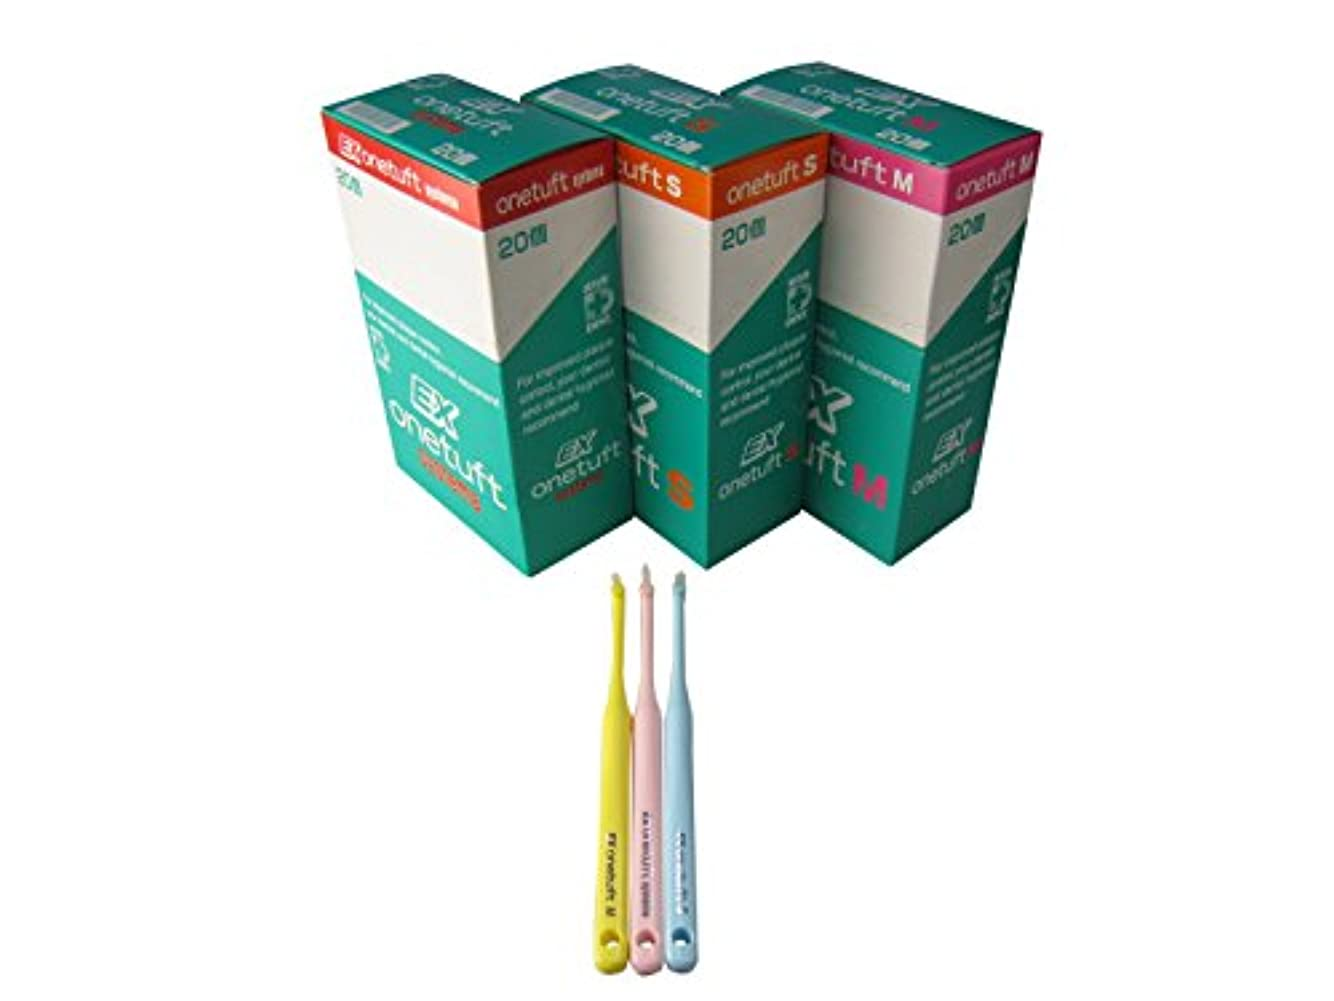 最大限固体一時的デント ワンタフト EX 歯ブラシ 4本セット systema